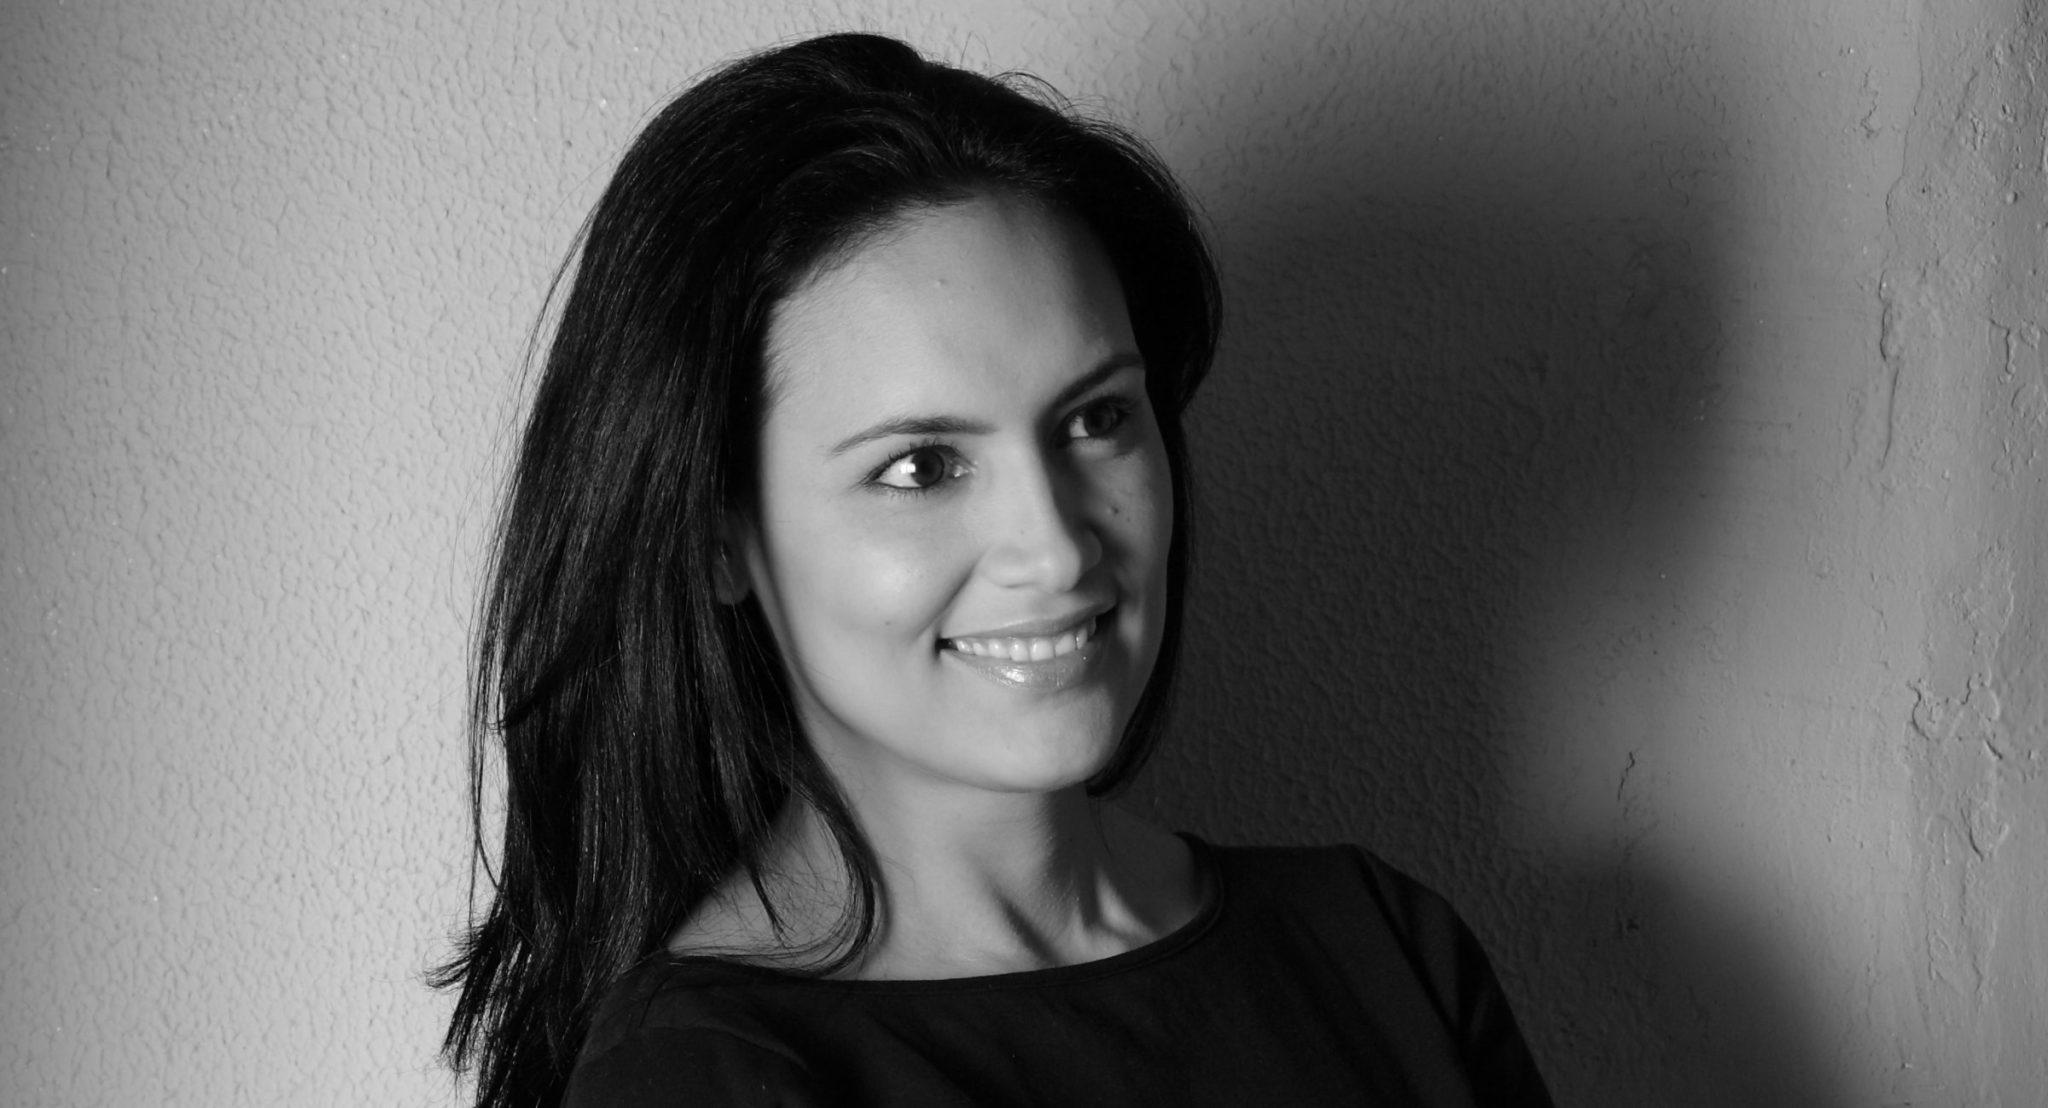 Laura Carvajal cropped-MG_6036-Copyrigt-Enzo-DAmbrosio-2011 10 mentiras del éxito Liderazgo Motivar y Empoderar  éxito desarrollo crecimiento